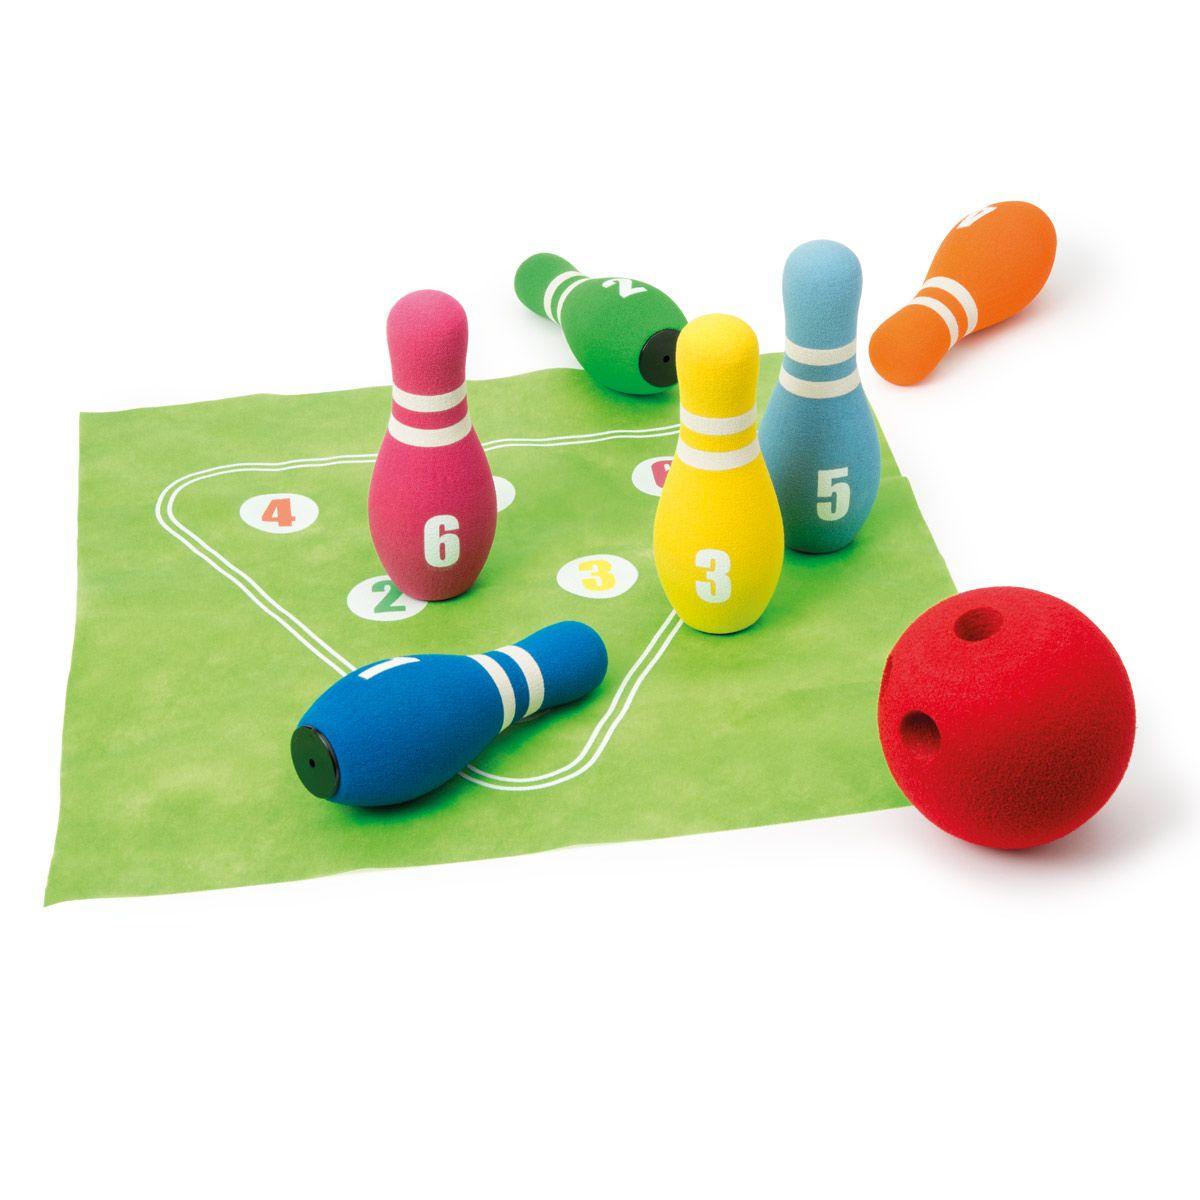 Bowling En Mousse Energybul Création Oxybul | Jeux De encequiconcerne Jeux De Bouligue